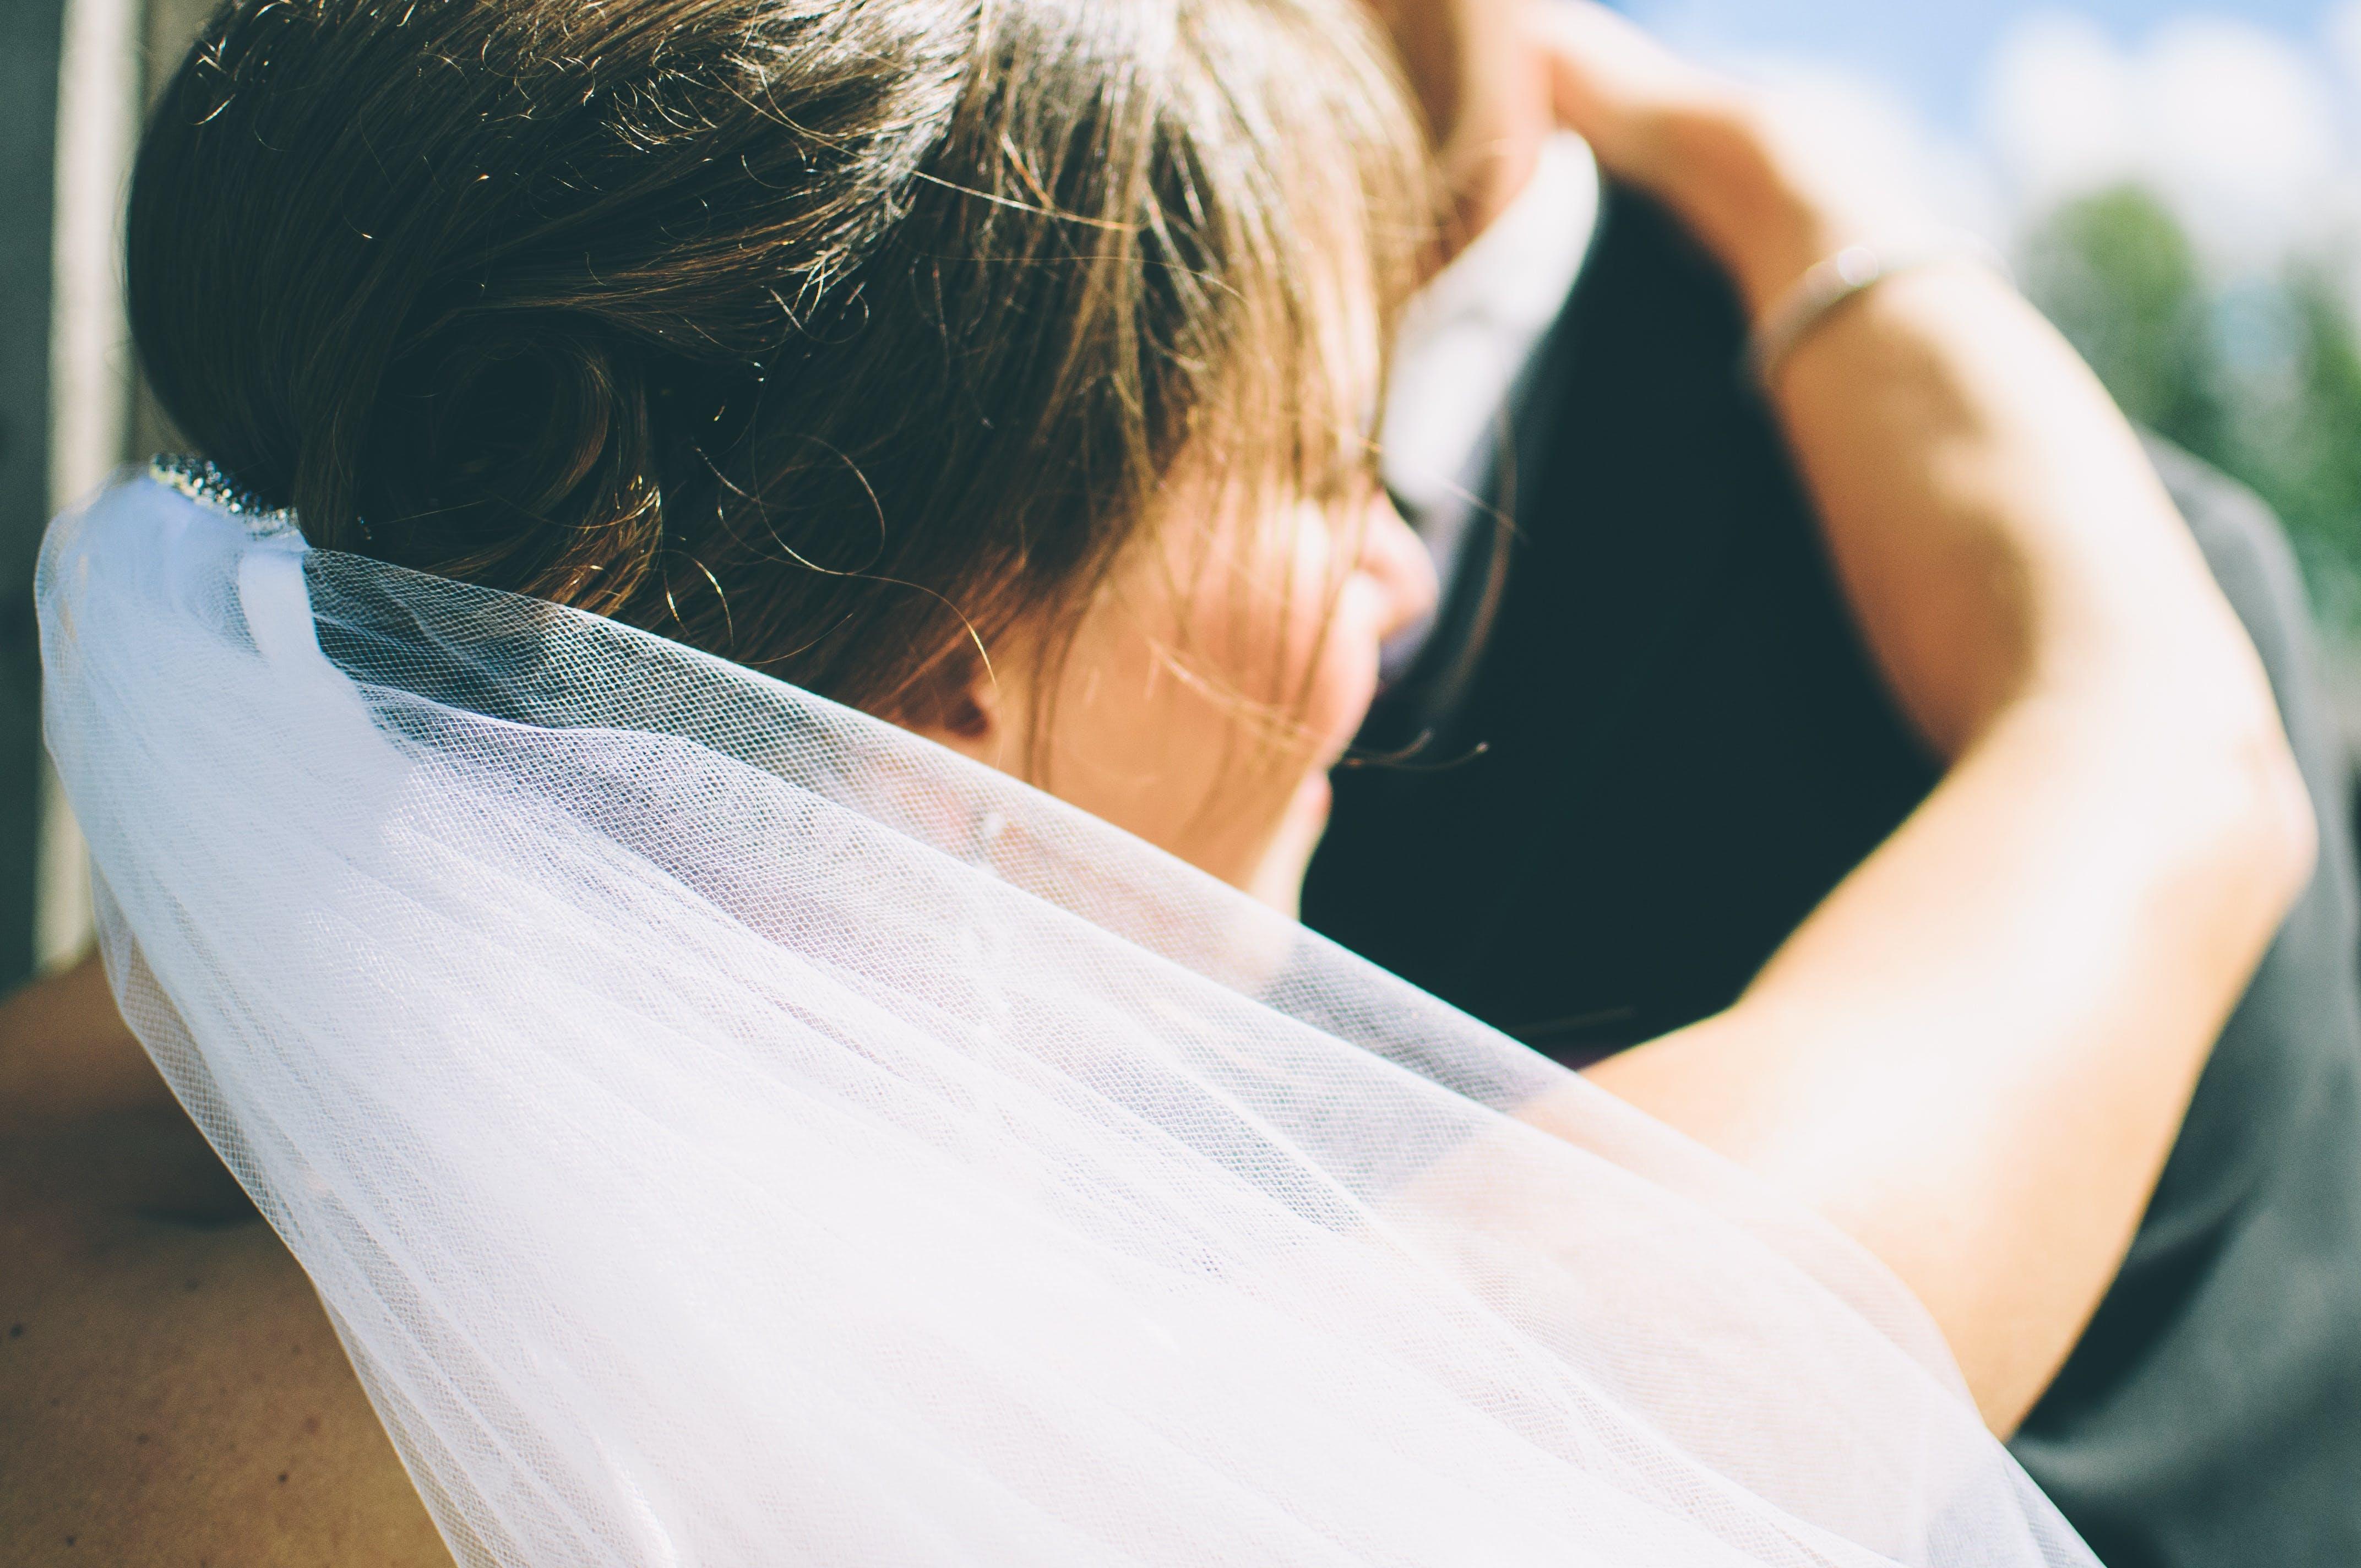 Phụ nữ cần nhớ, đừng kết hôn chỉ vì gia đình hay tuổi tác, hãy chỉ kết hôn khi trái tim thấy cần